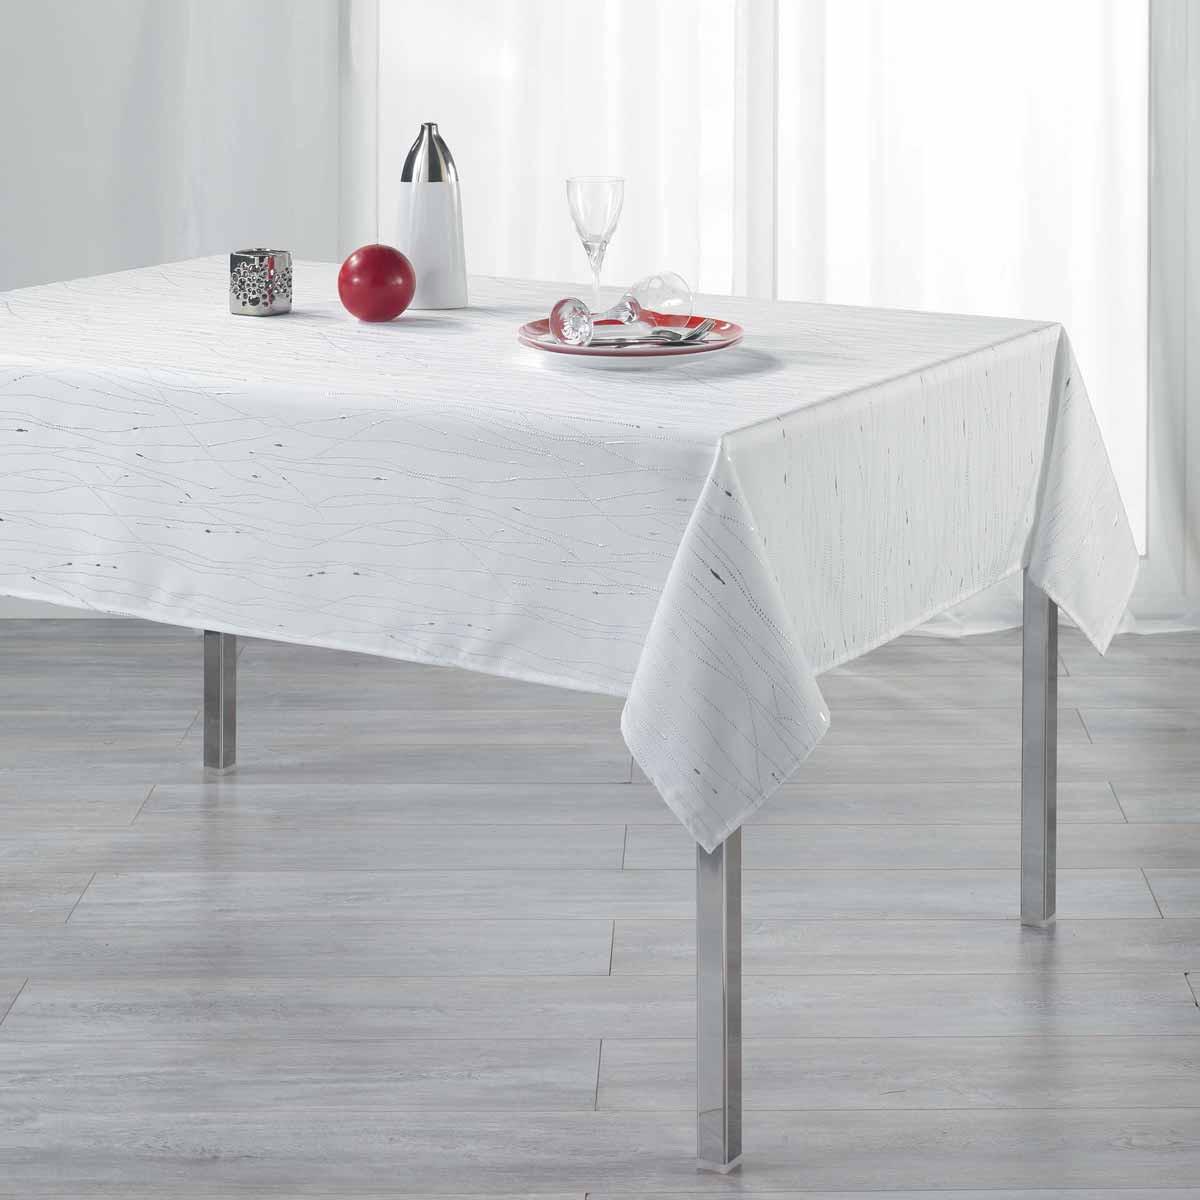 Αλέκιαστο Τραπεζομάντηλο (140×240) L-C Filiane Blanc 1722216